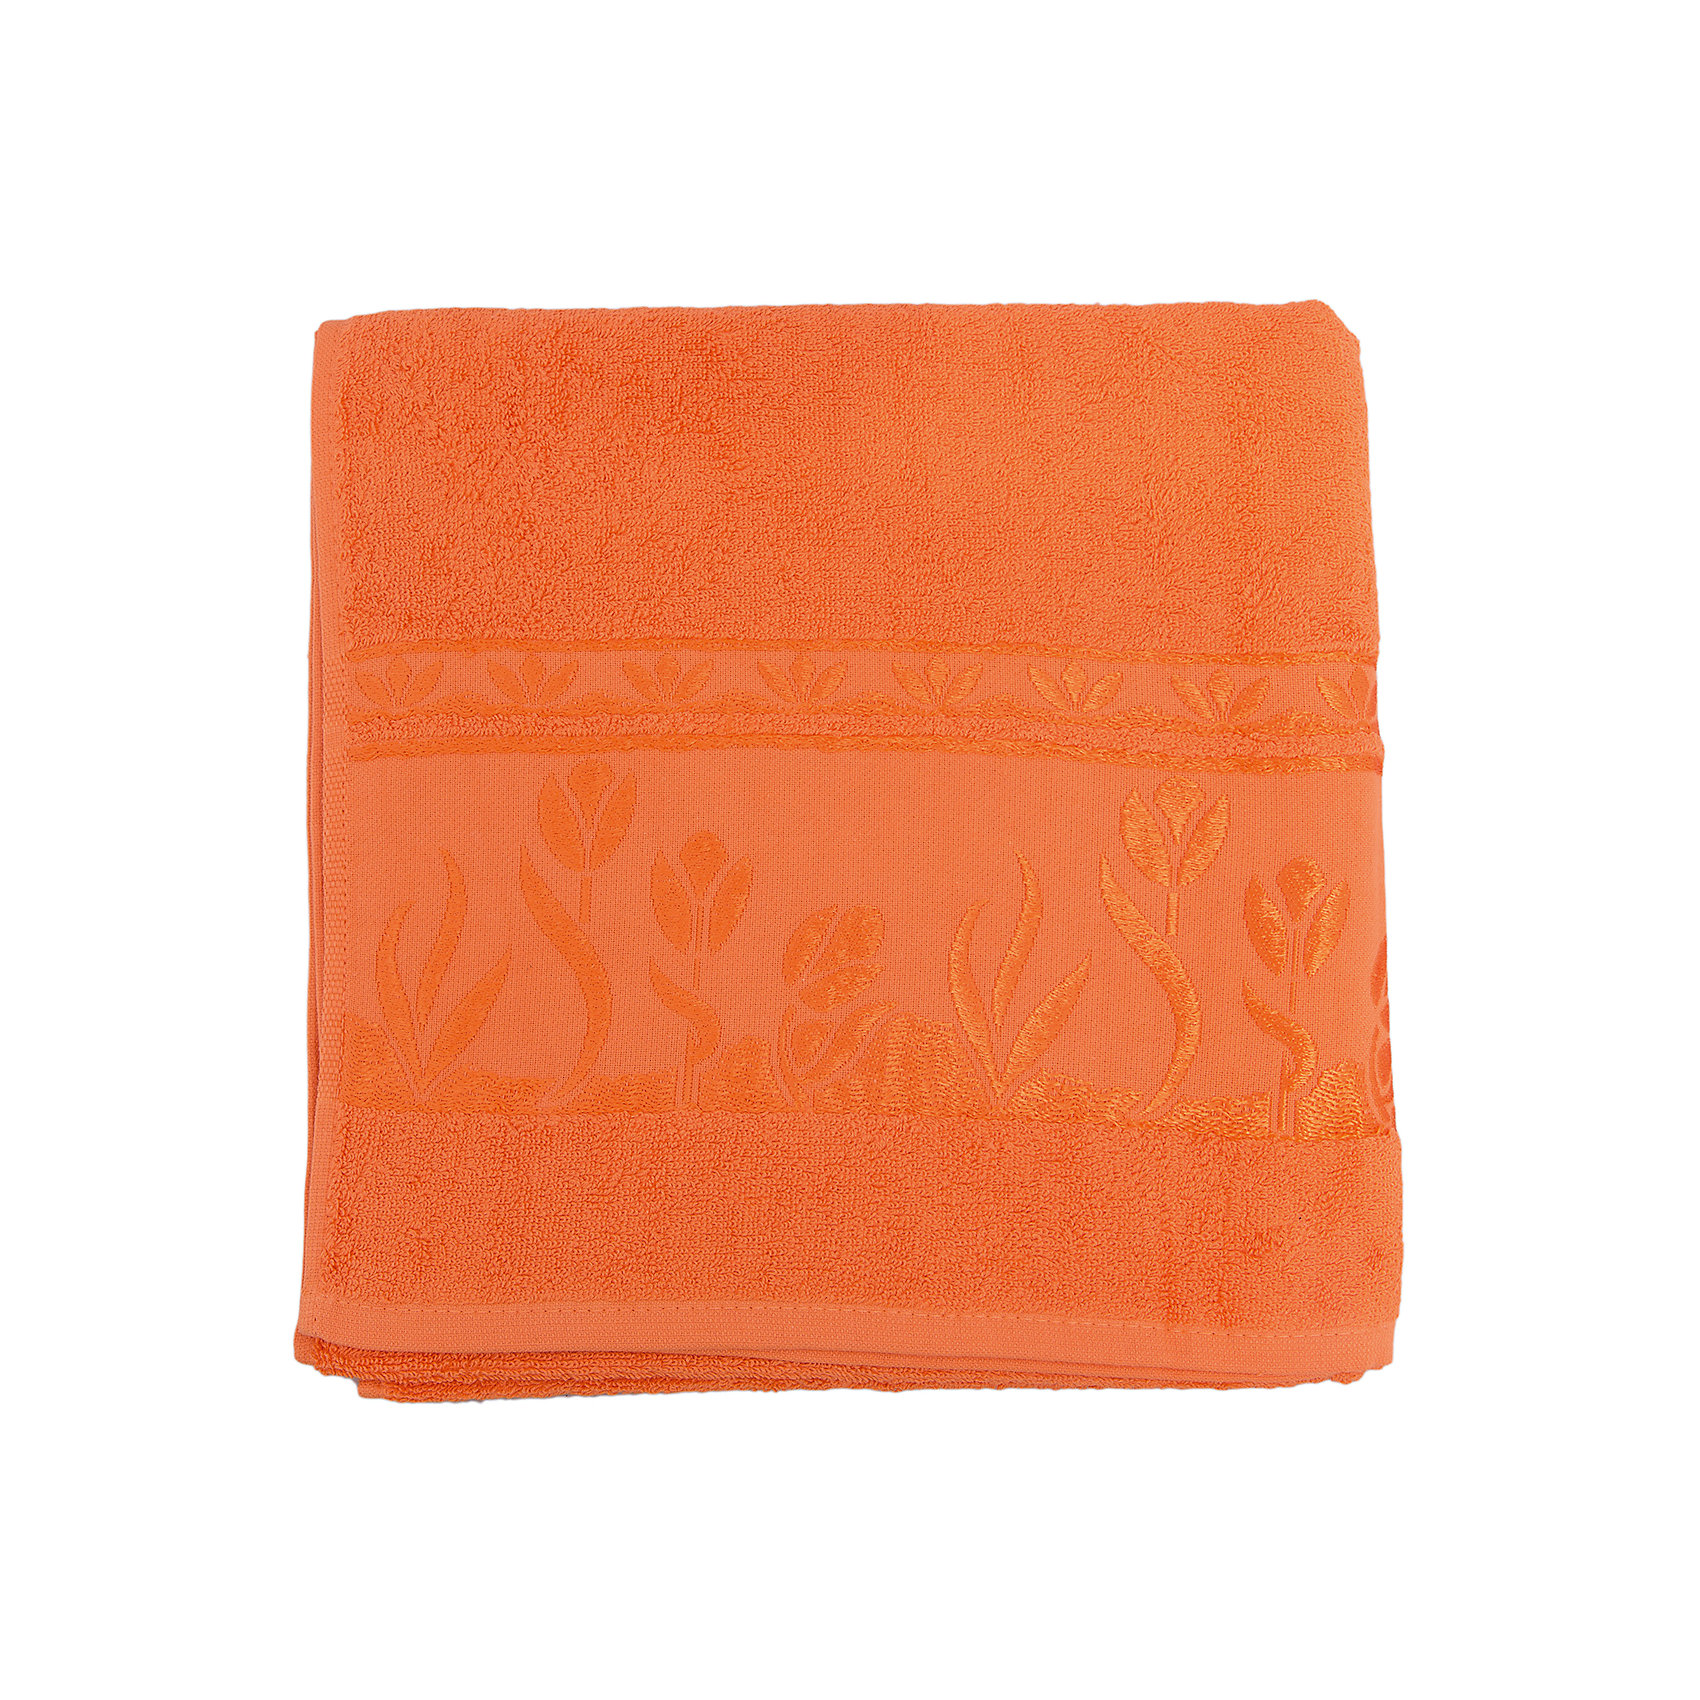 Полотенце махровое Tulips 70*140, Португалия, оранжевыйДомашний текстиль<br>Tulips - махровое полотенце из натурального качественного хлопка. Она хорошо впитает влагу и подарит вам ощущение мягкости после водных процедур. Полотенце износостойкое и хорошо сохраняет цвет. Украшено жаккардовым узором. <br><br>Дополнительная информация:<br>Материал: 100% хлопок<br>Плотность: 500 г/м2<br>Размер: 70х140 см<br>Цвет: оранжевый<br>Торговая марка: Португалия<br><br>Вы можете приобрести махровое полотенце Tulips  в нашем интернет-магазине.<br><br>Ширина мм: 500<br>Глубина мм: 500<br>Высота мм: 200<br>Вес г: 400<br>Возраст от месяцев: 0<br>Возраст до месяцев: 144<br>Пол: Унисекс<br>Возраст: Детский<br>SKU: 5010985